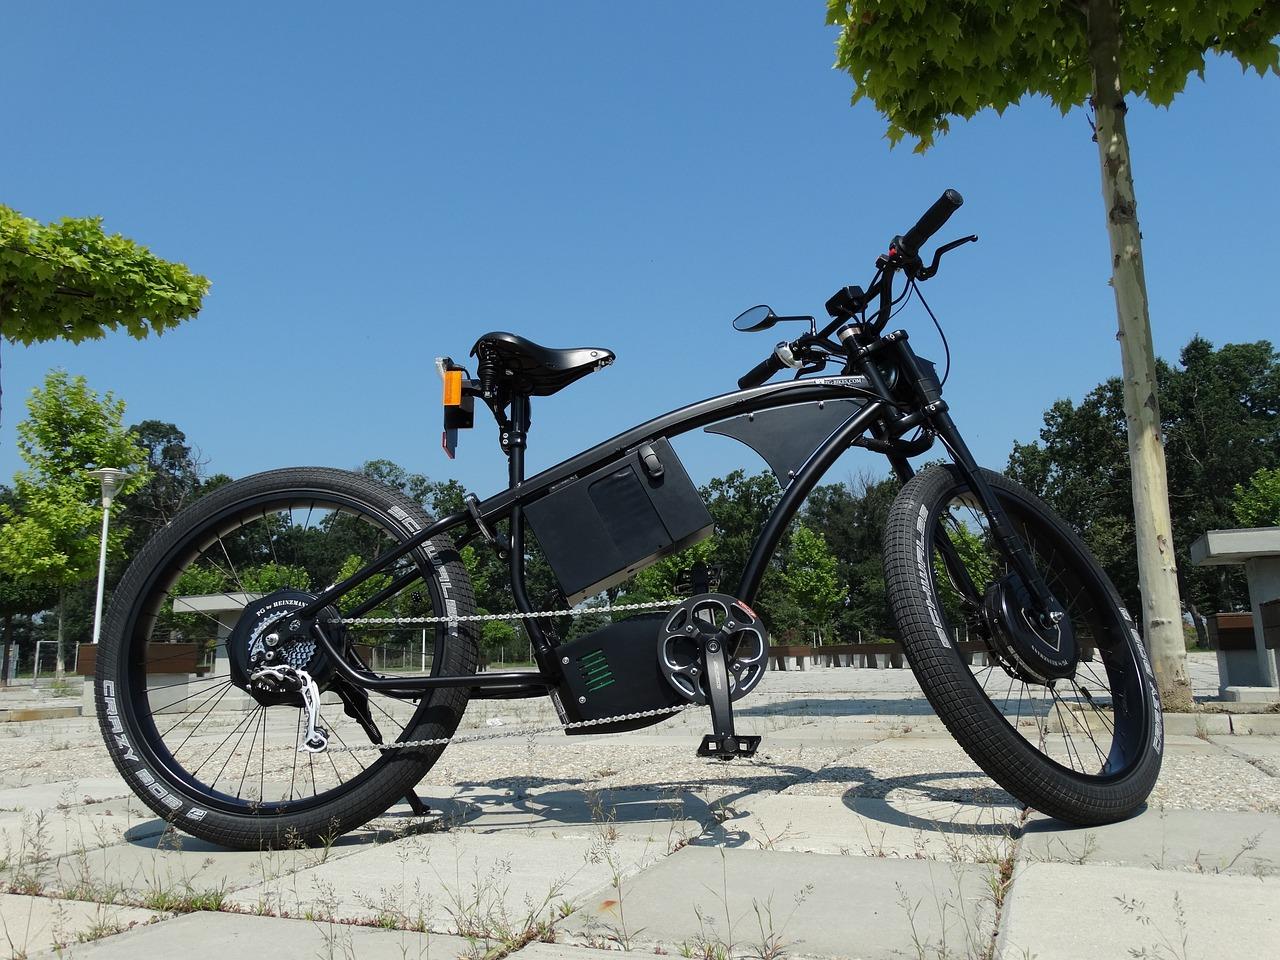 Електровелосипед або електросамокат - який з них підходить вам?